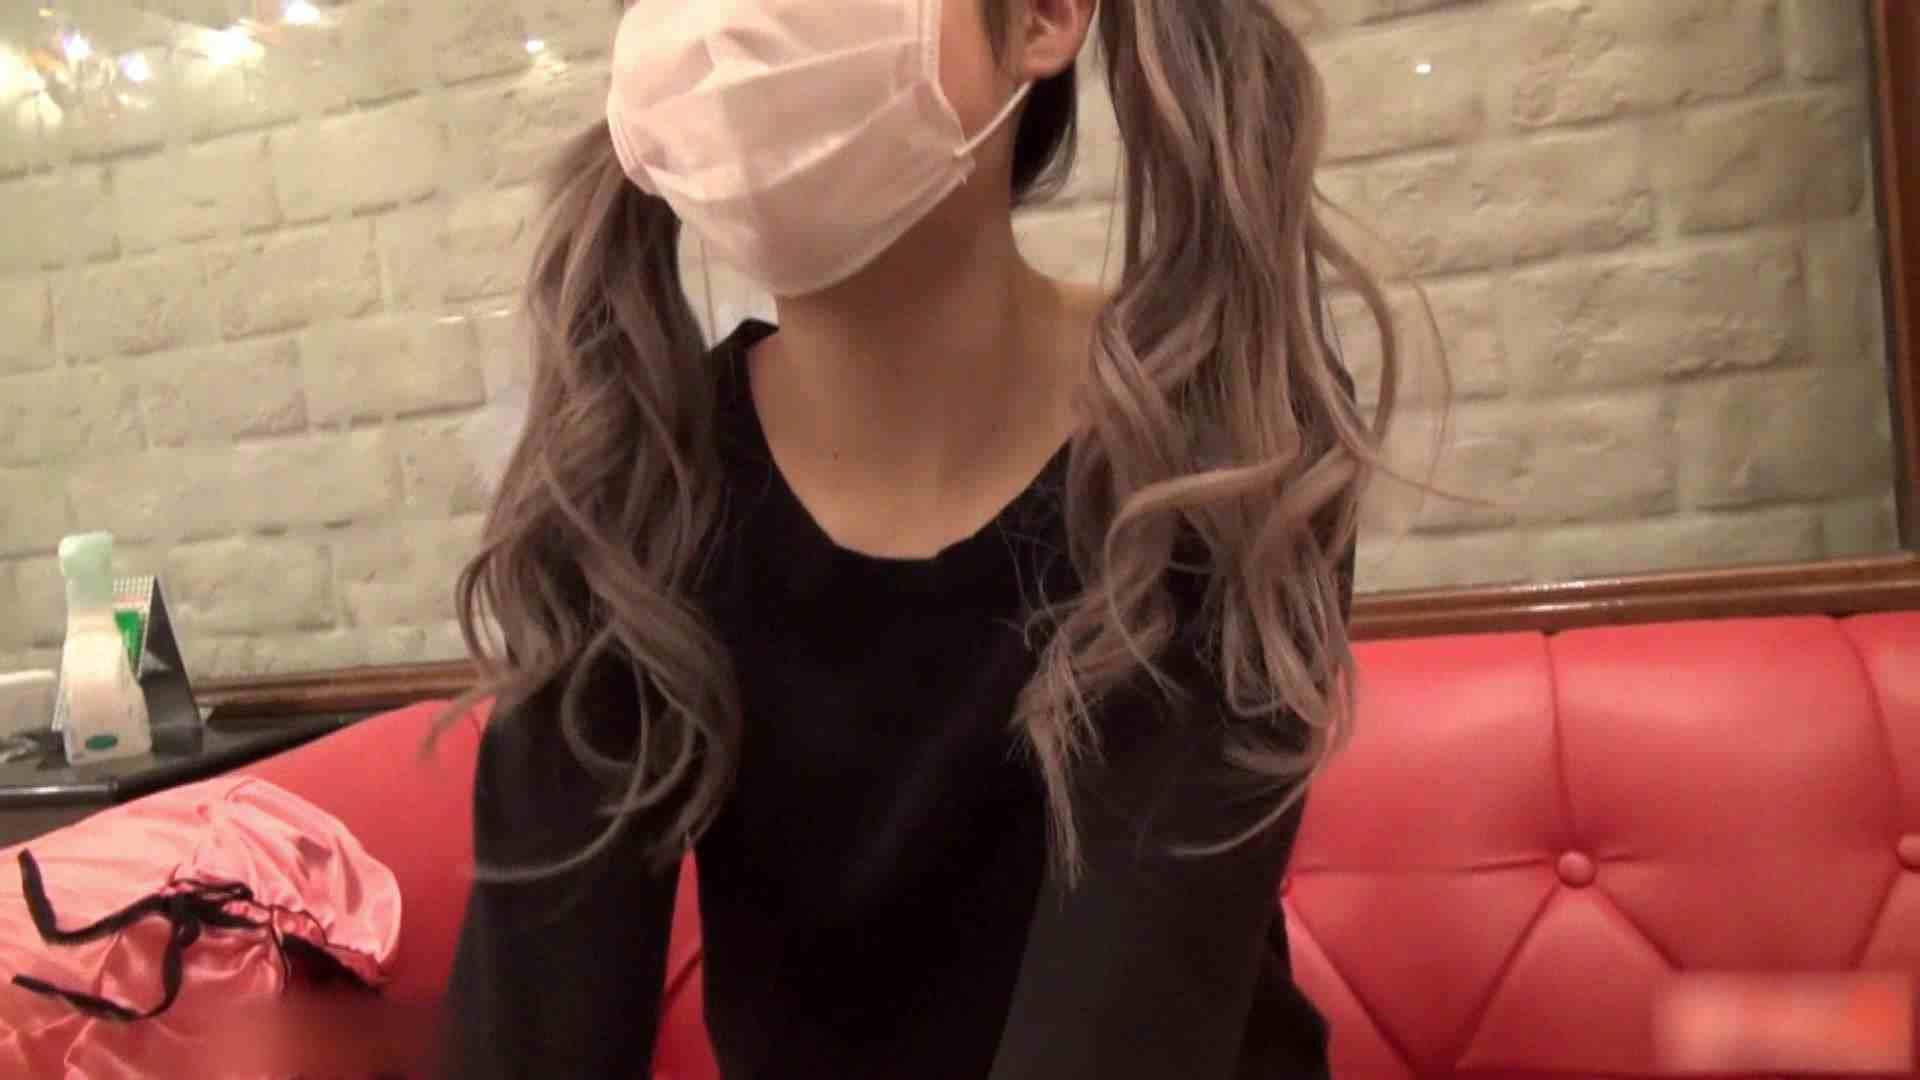 エロ娘達の反乱 Vol.02 前編 着替え すけべAV動画紹介 76pic 4